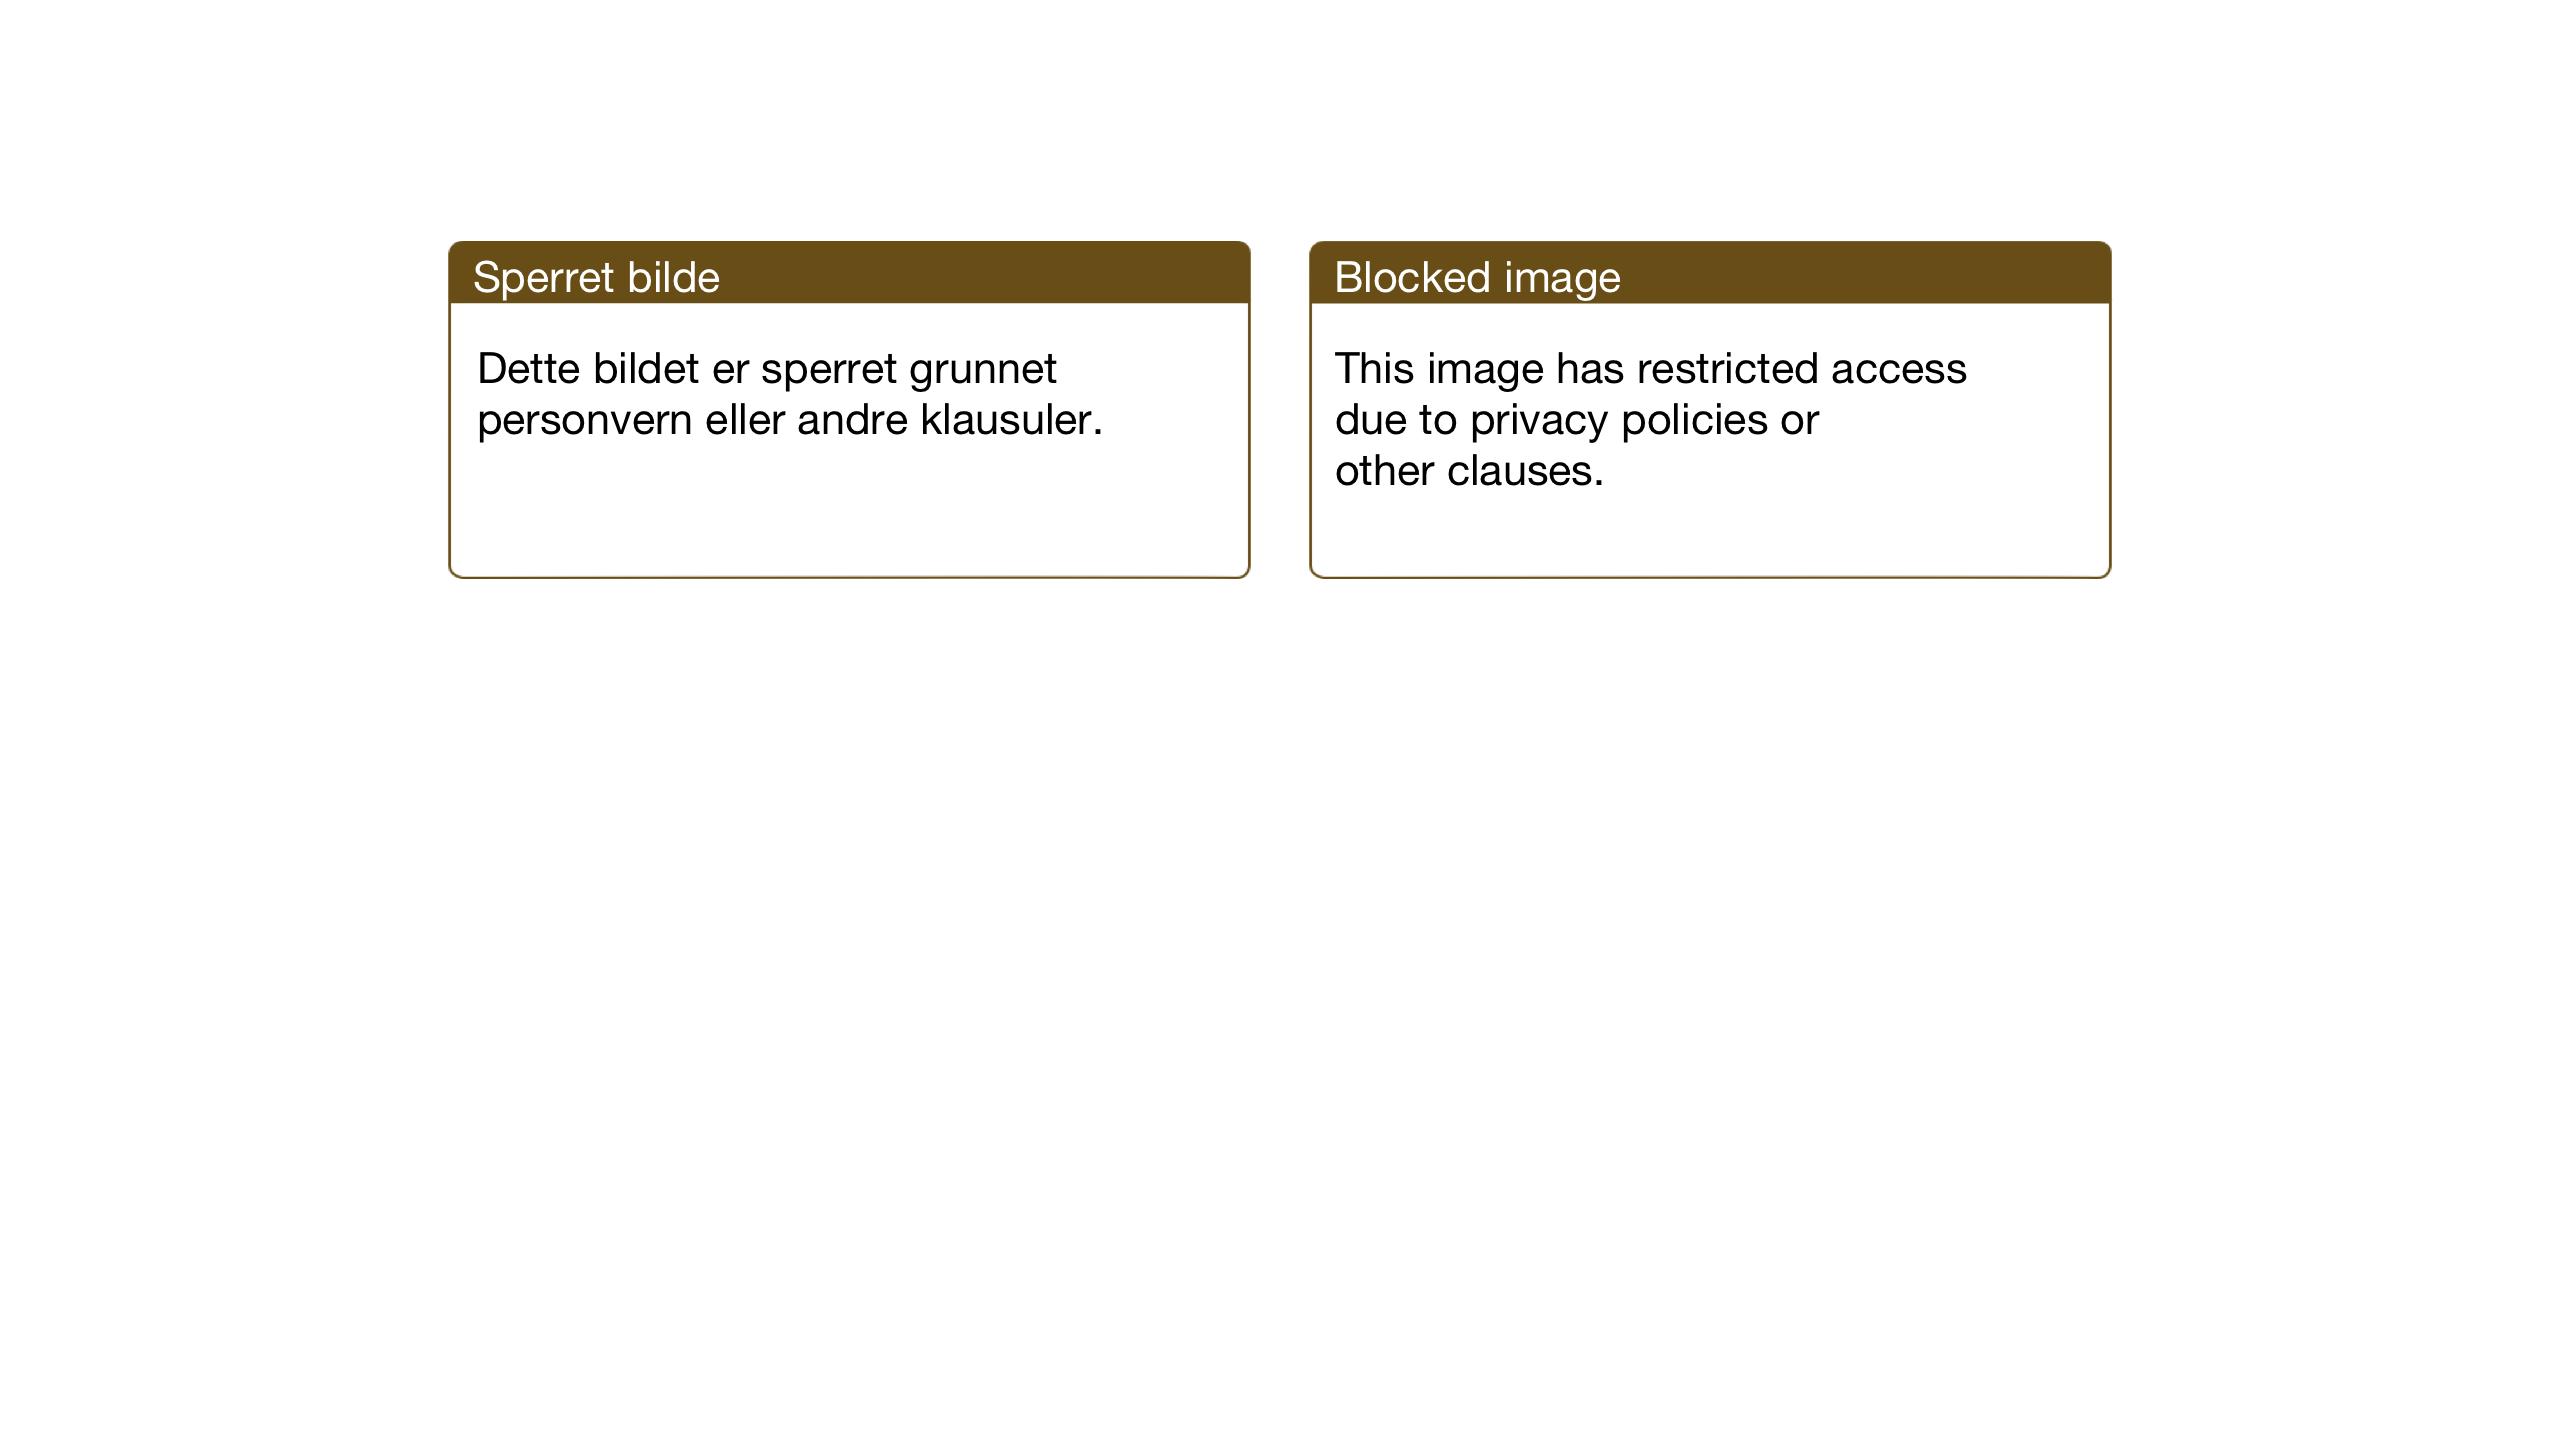 SAT, Ministerialprotokoller, klokkerbøker og fødselsregistre - Nord-Trøndelag, 731/L0309: Ministerialbok nr. 731A01, 1879-1918, s. 138